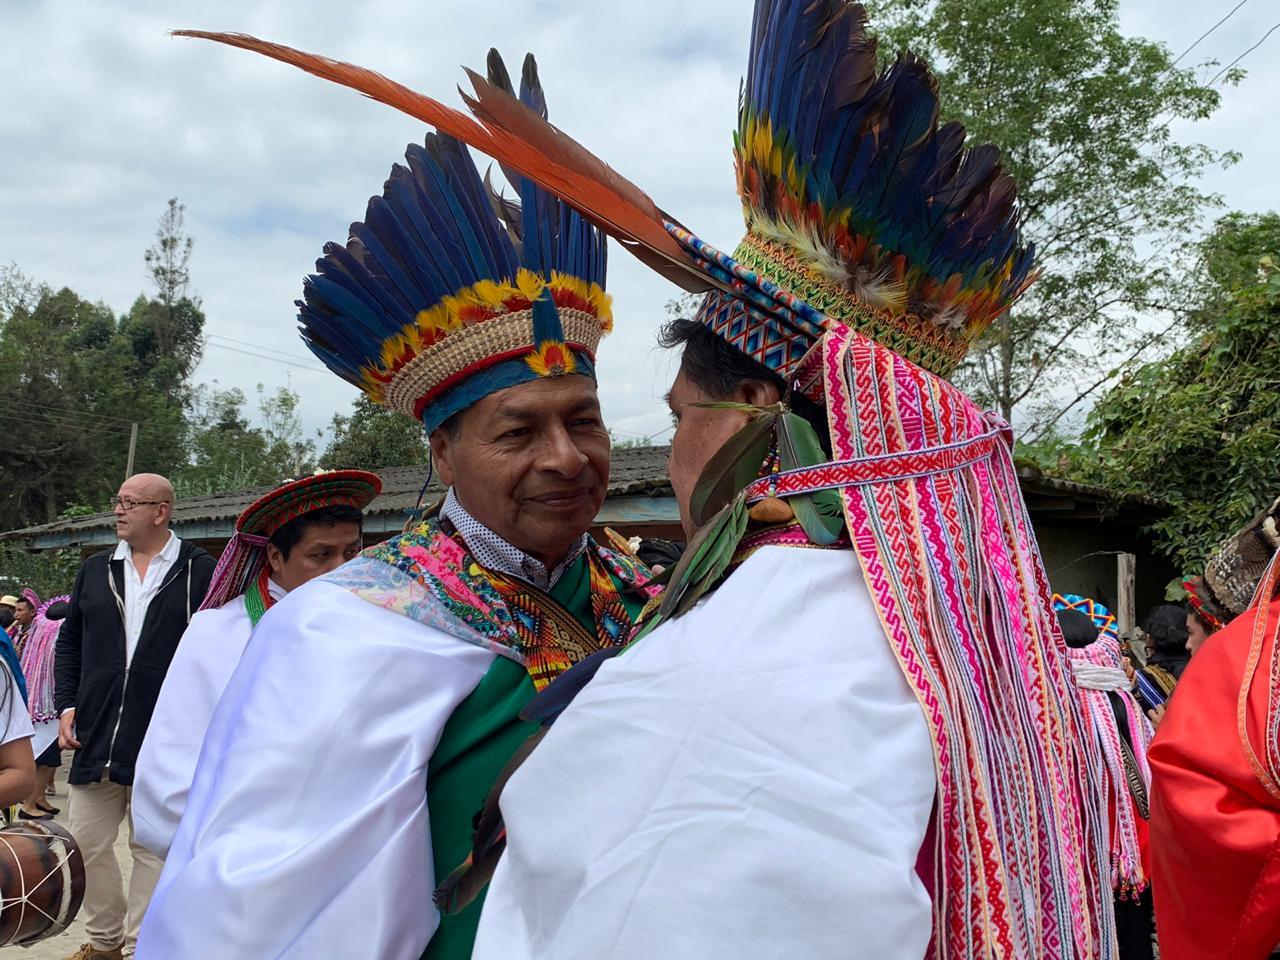 Carnaval del Perdón Sibundoy, Putumayo